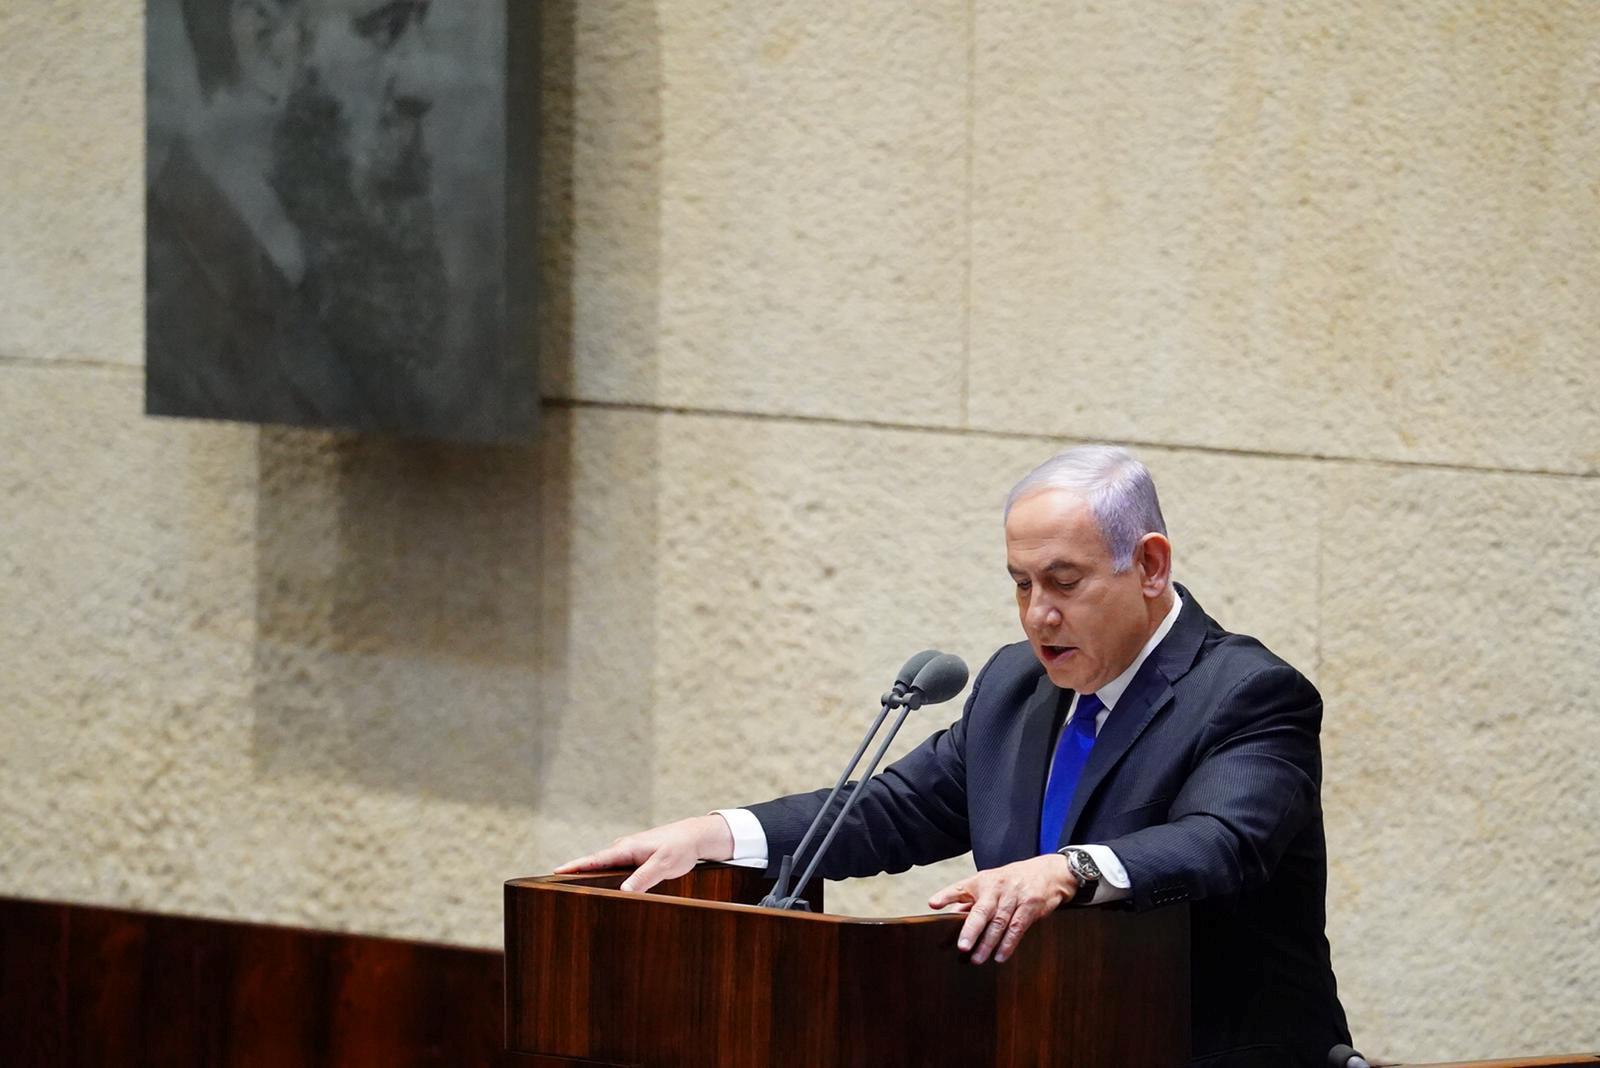 رئيس الوزراء الإسرائيلي بنيامين نتنياهو يعرض حكومته الجديدة على الكنيست